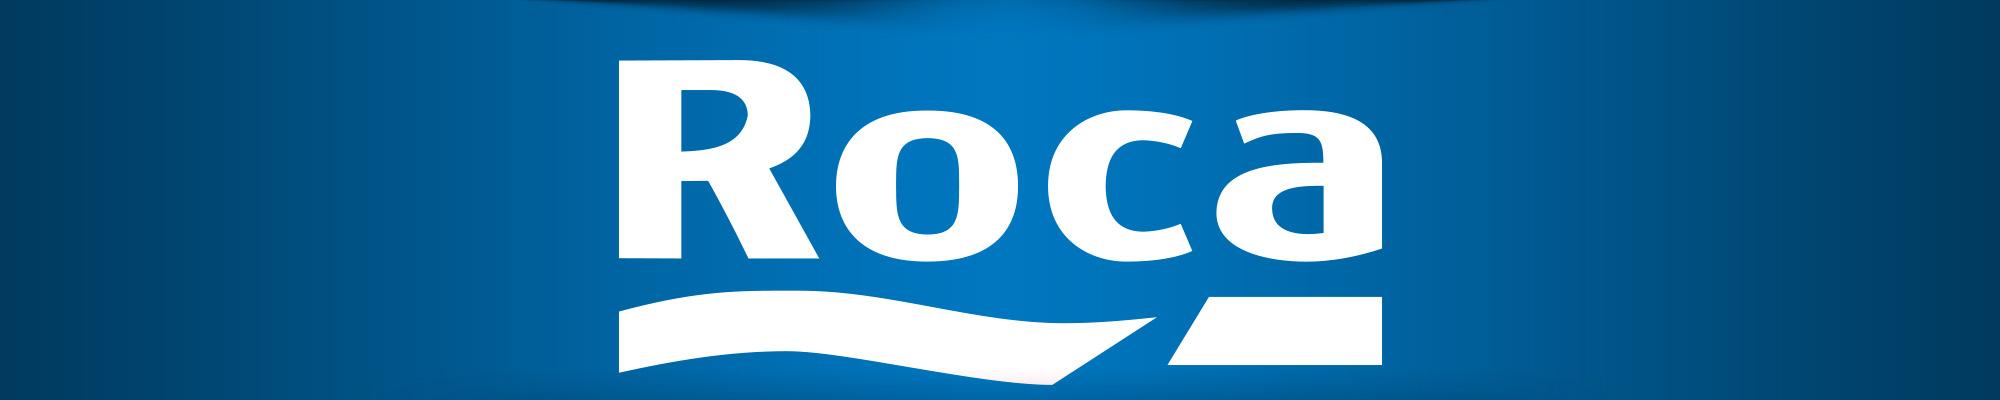 Servicio t cnico roca en mallorca for Servicio tecnico oficial roca